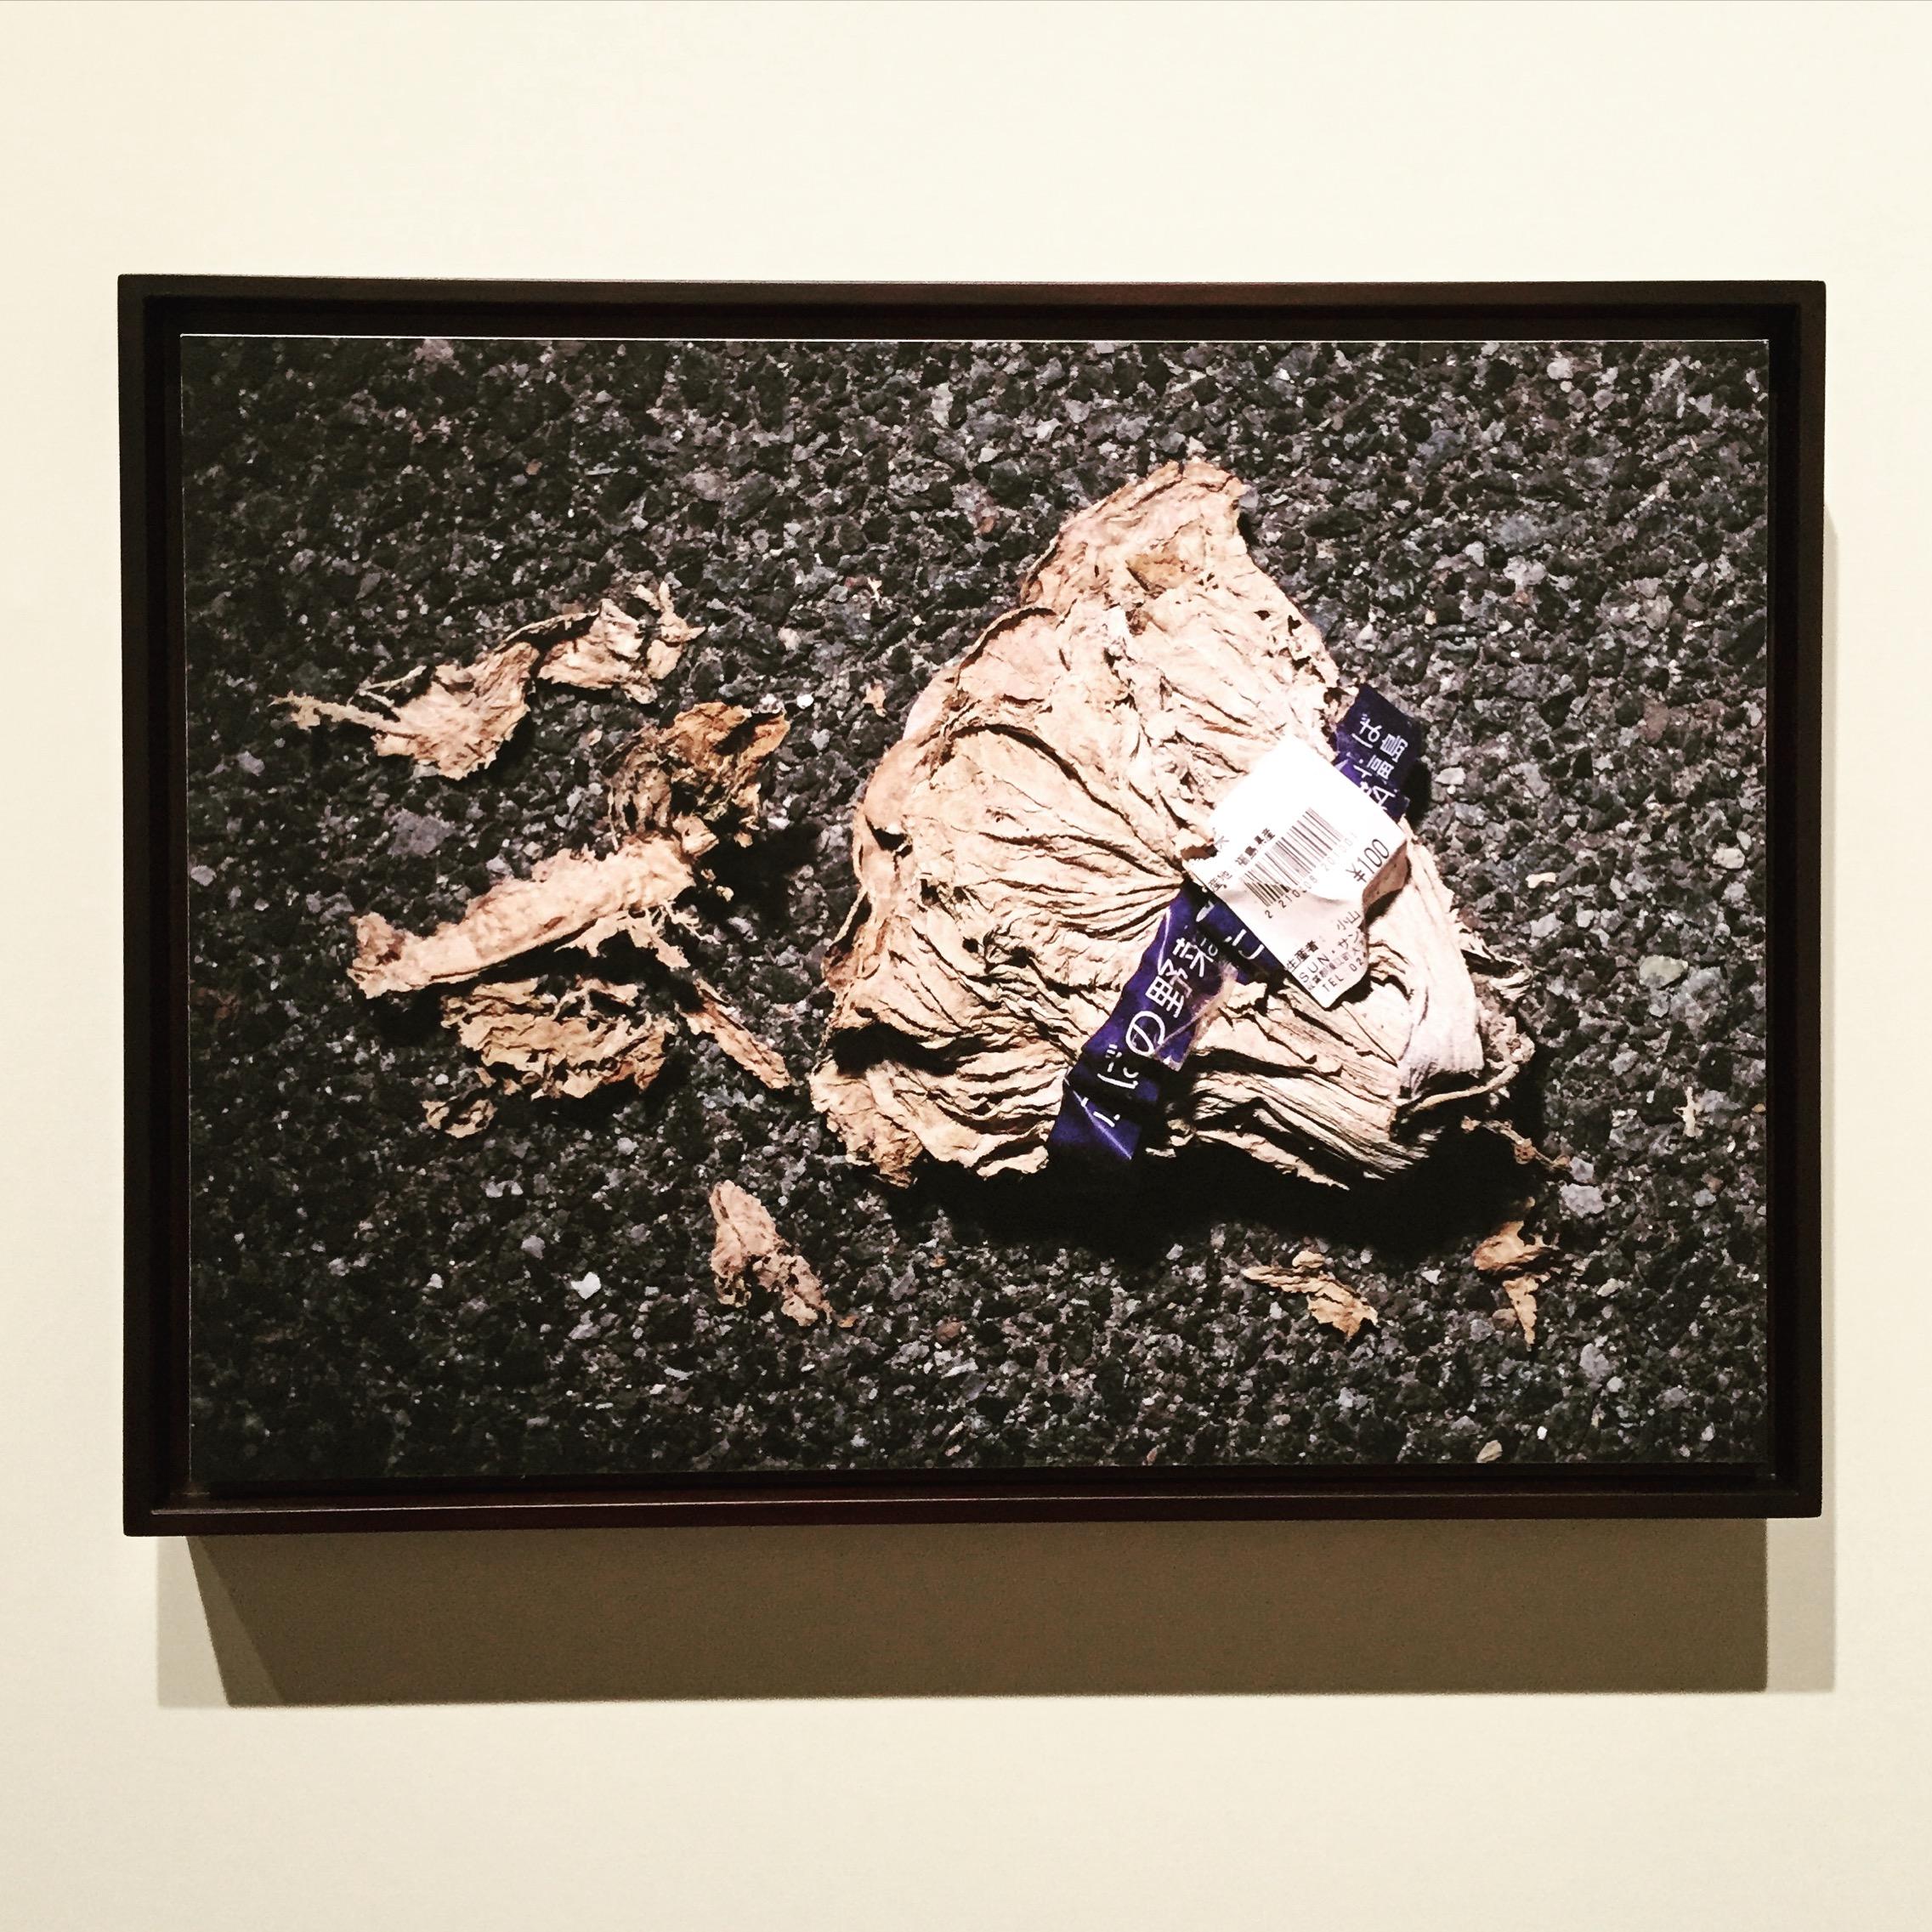 chanel photo exhibition fukushima